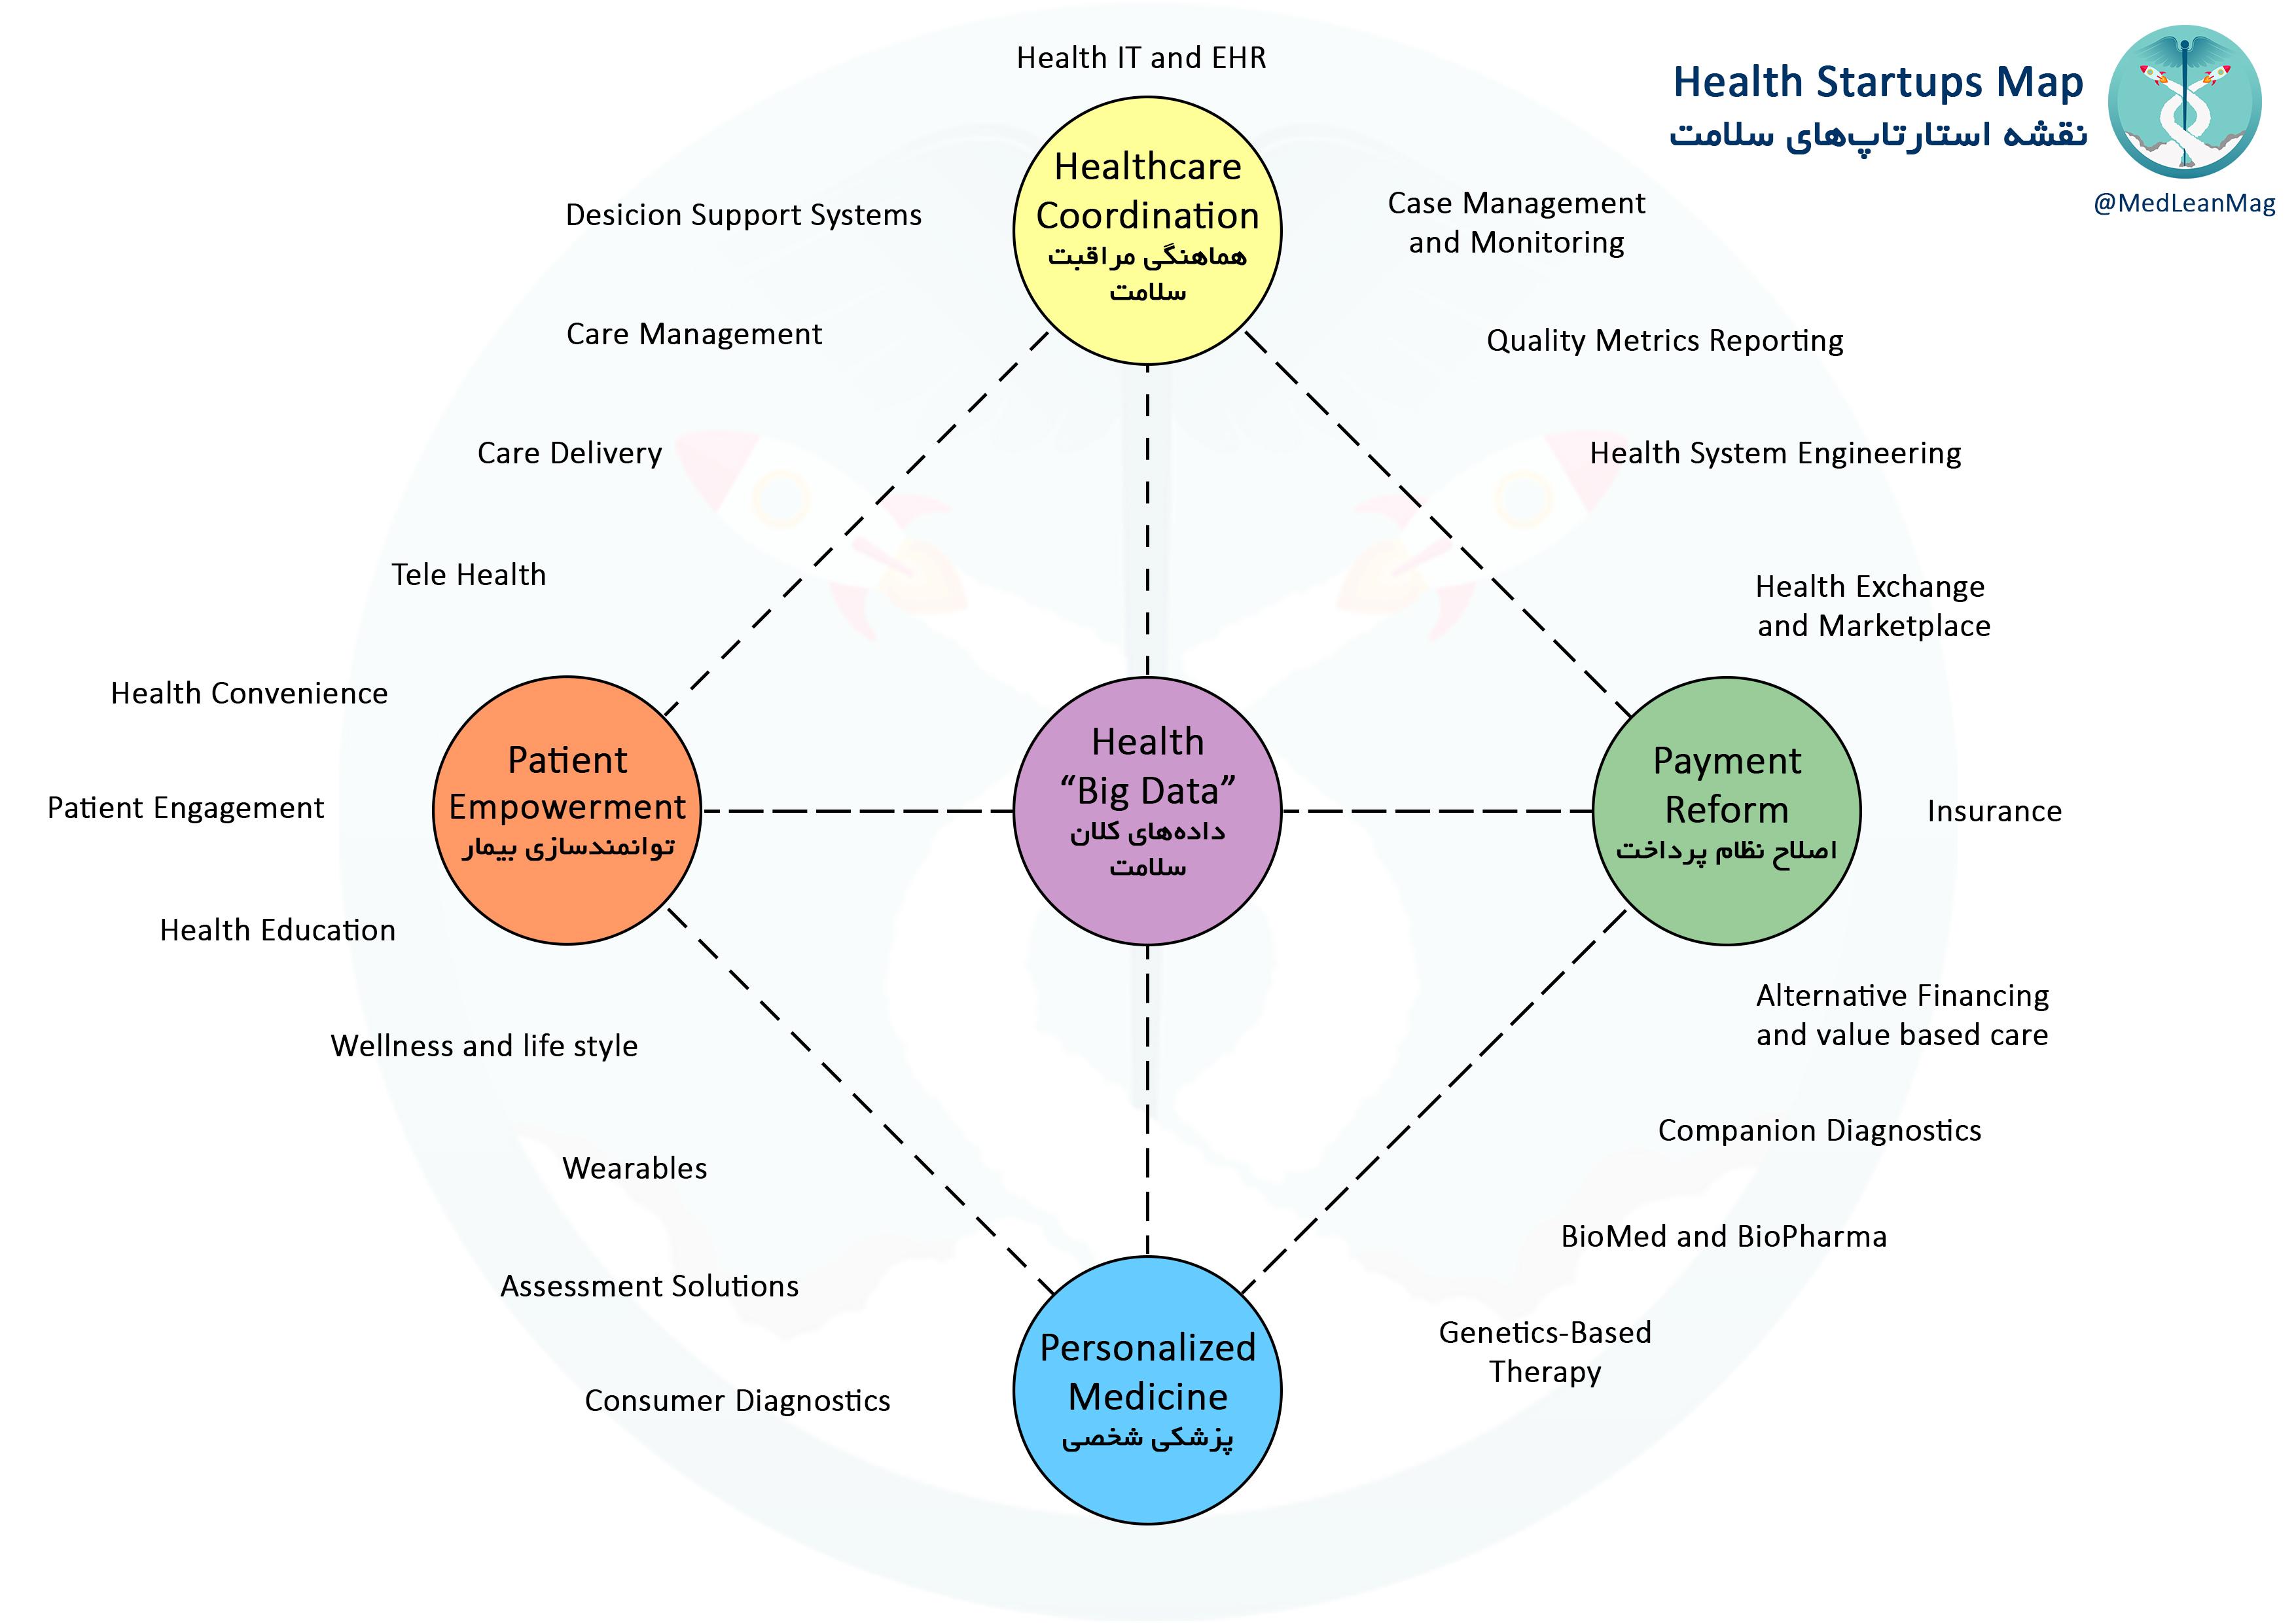 نقشه استارتاپهای سلامت؛ تقسیمبندی برای تقویت نوآوری